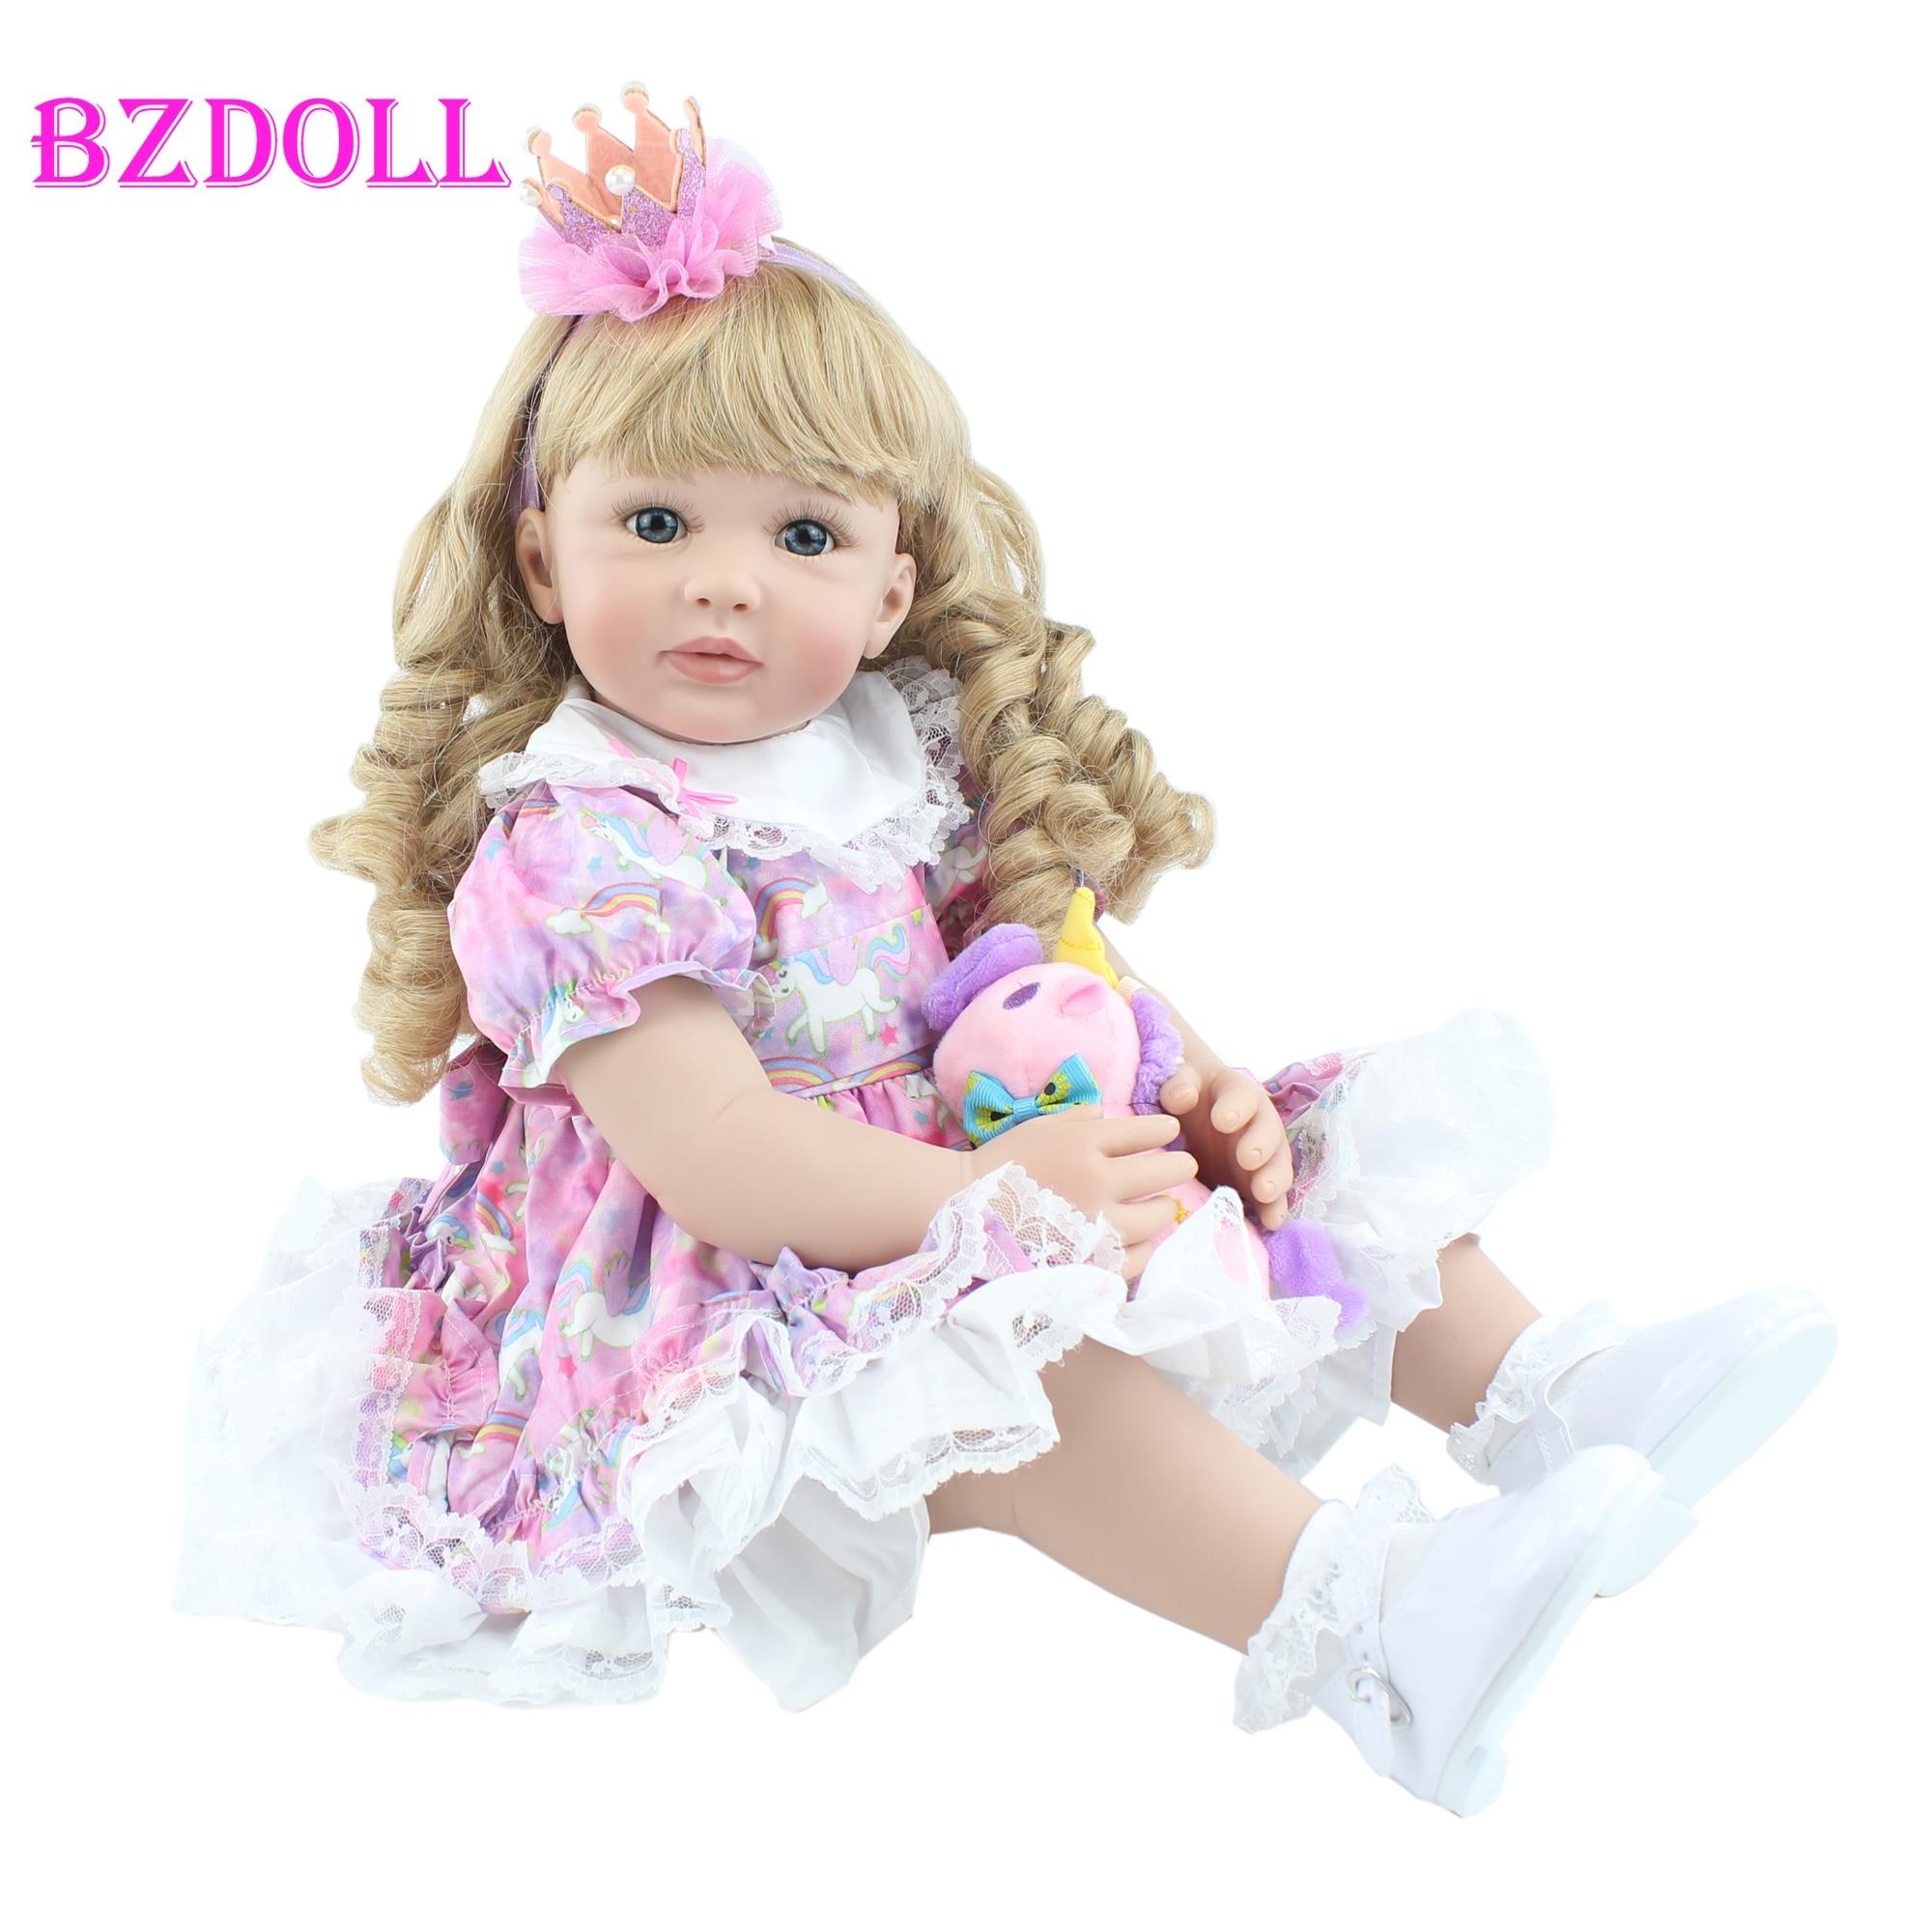 BZDOLL 60 см, мягкая силиконовая кукла для новорожденных, игрушка для малышей, Реалистичная Viny 24